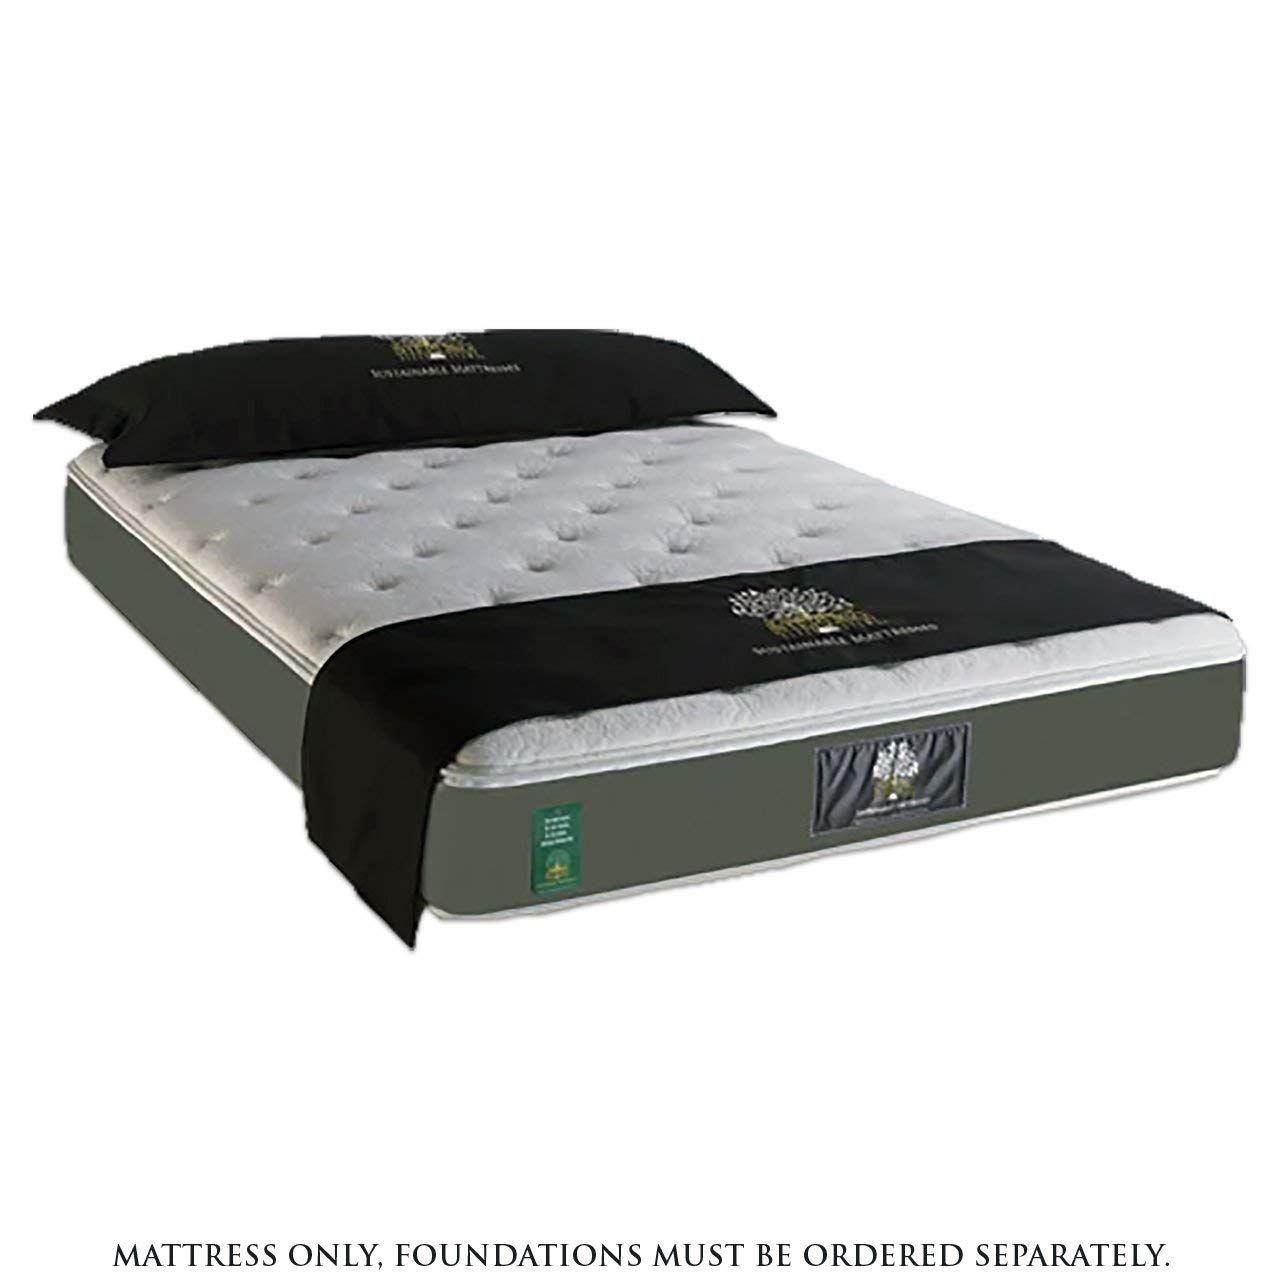 Imperial mattress california pillow plush mattress